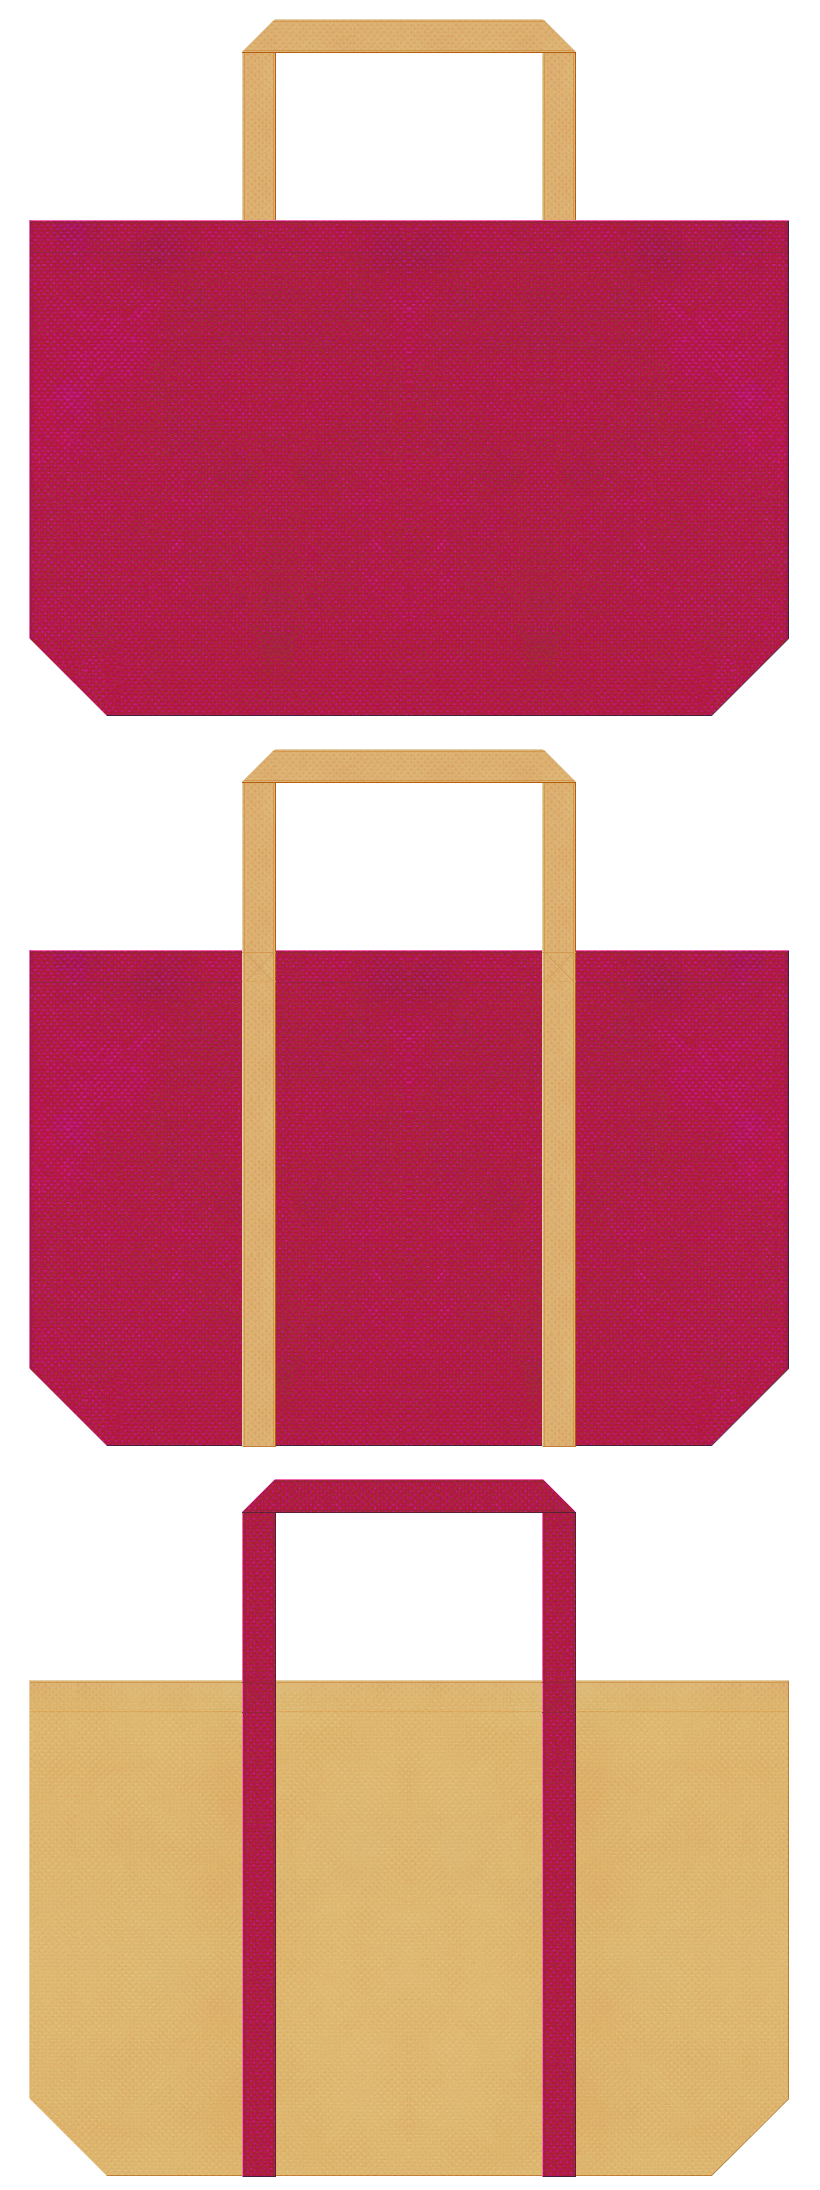 さつまいも・南国・トロピカル・カクテル・リゾート・トラベルバッグ・ゲーム・絵本・おとぎ話・お菓子の家・プリンセス・テーマパーク・ガーリーデザインのショッピングバッグにお奨めの不織布バッグデザイン:濃いピンク色と薄黄土色のコーデ